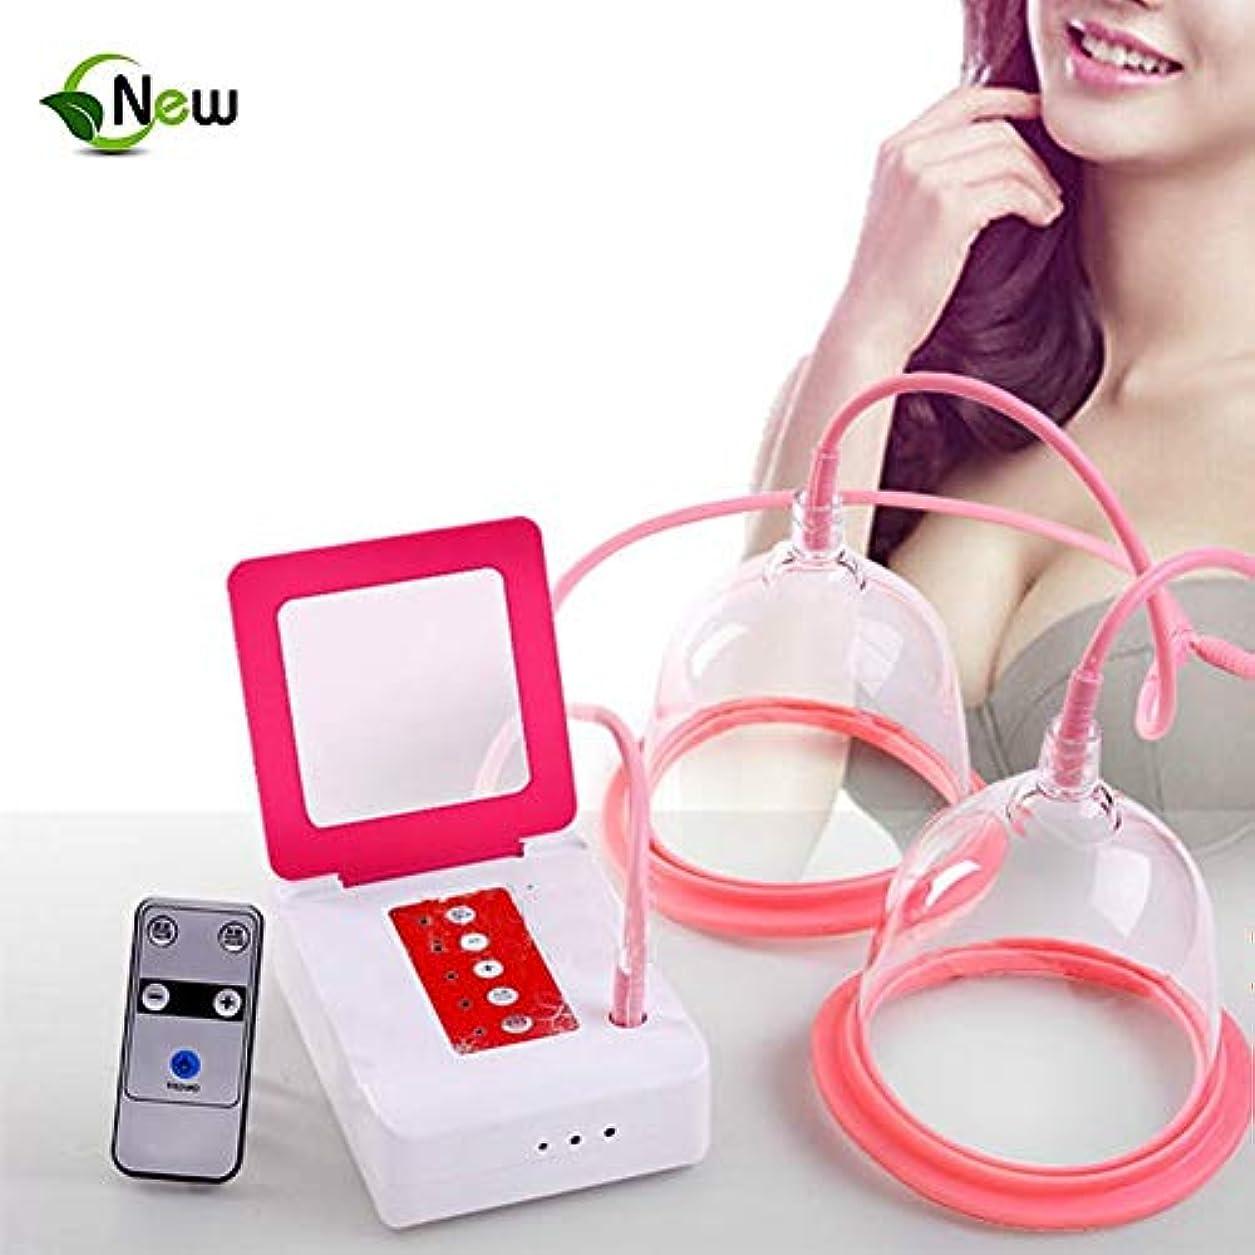 上陸隣接する偽装する電気胸マッサージャー、強化された乳房拡大真空陰圧脂肪吸引により、乳房のたるみマッサージを防ぎ、USB充電を増加させますBig